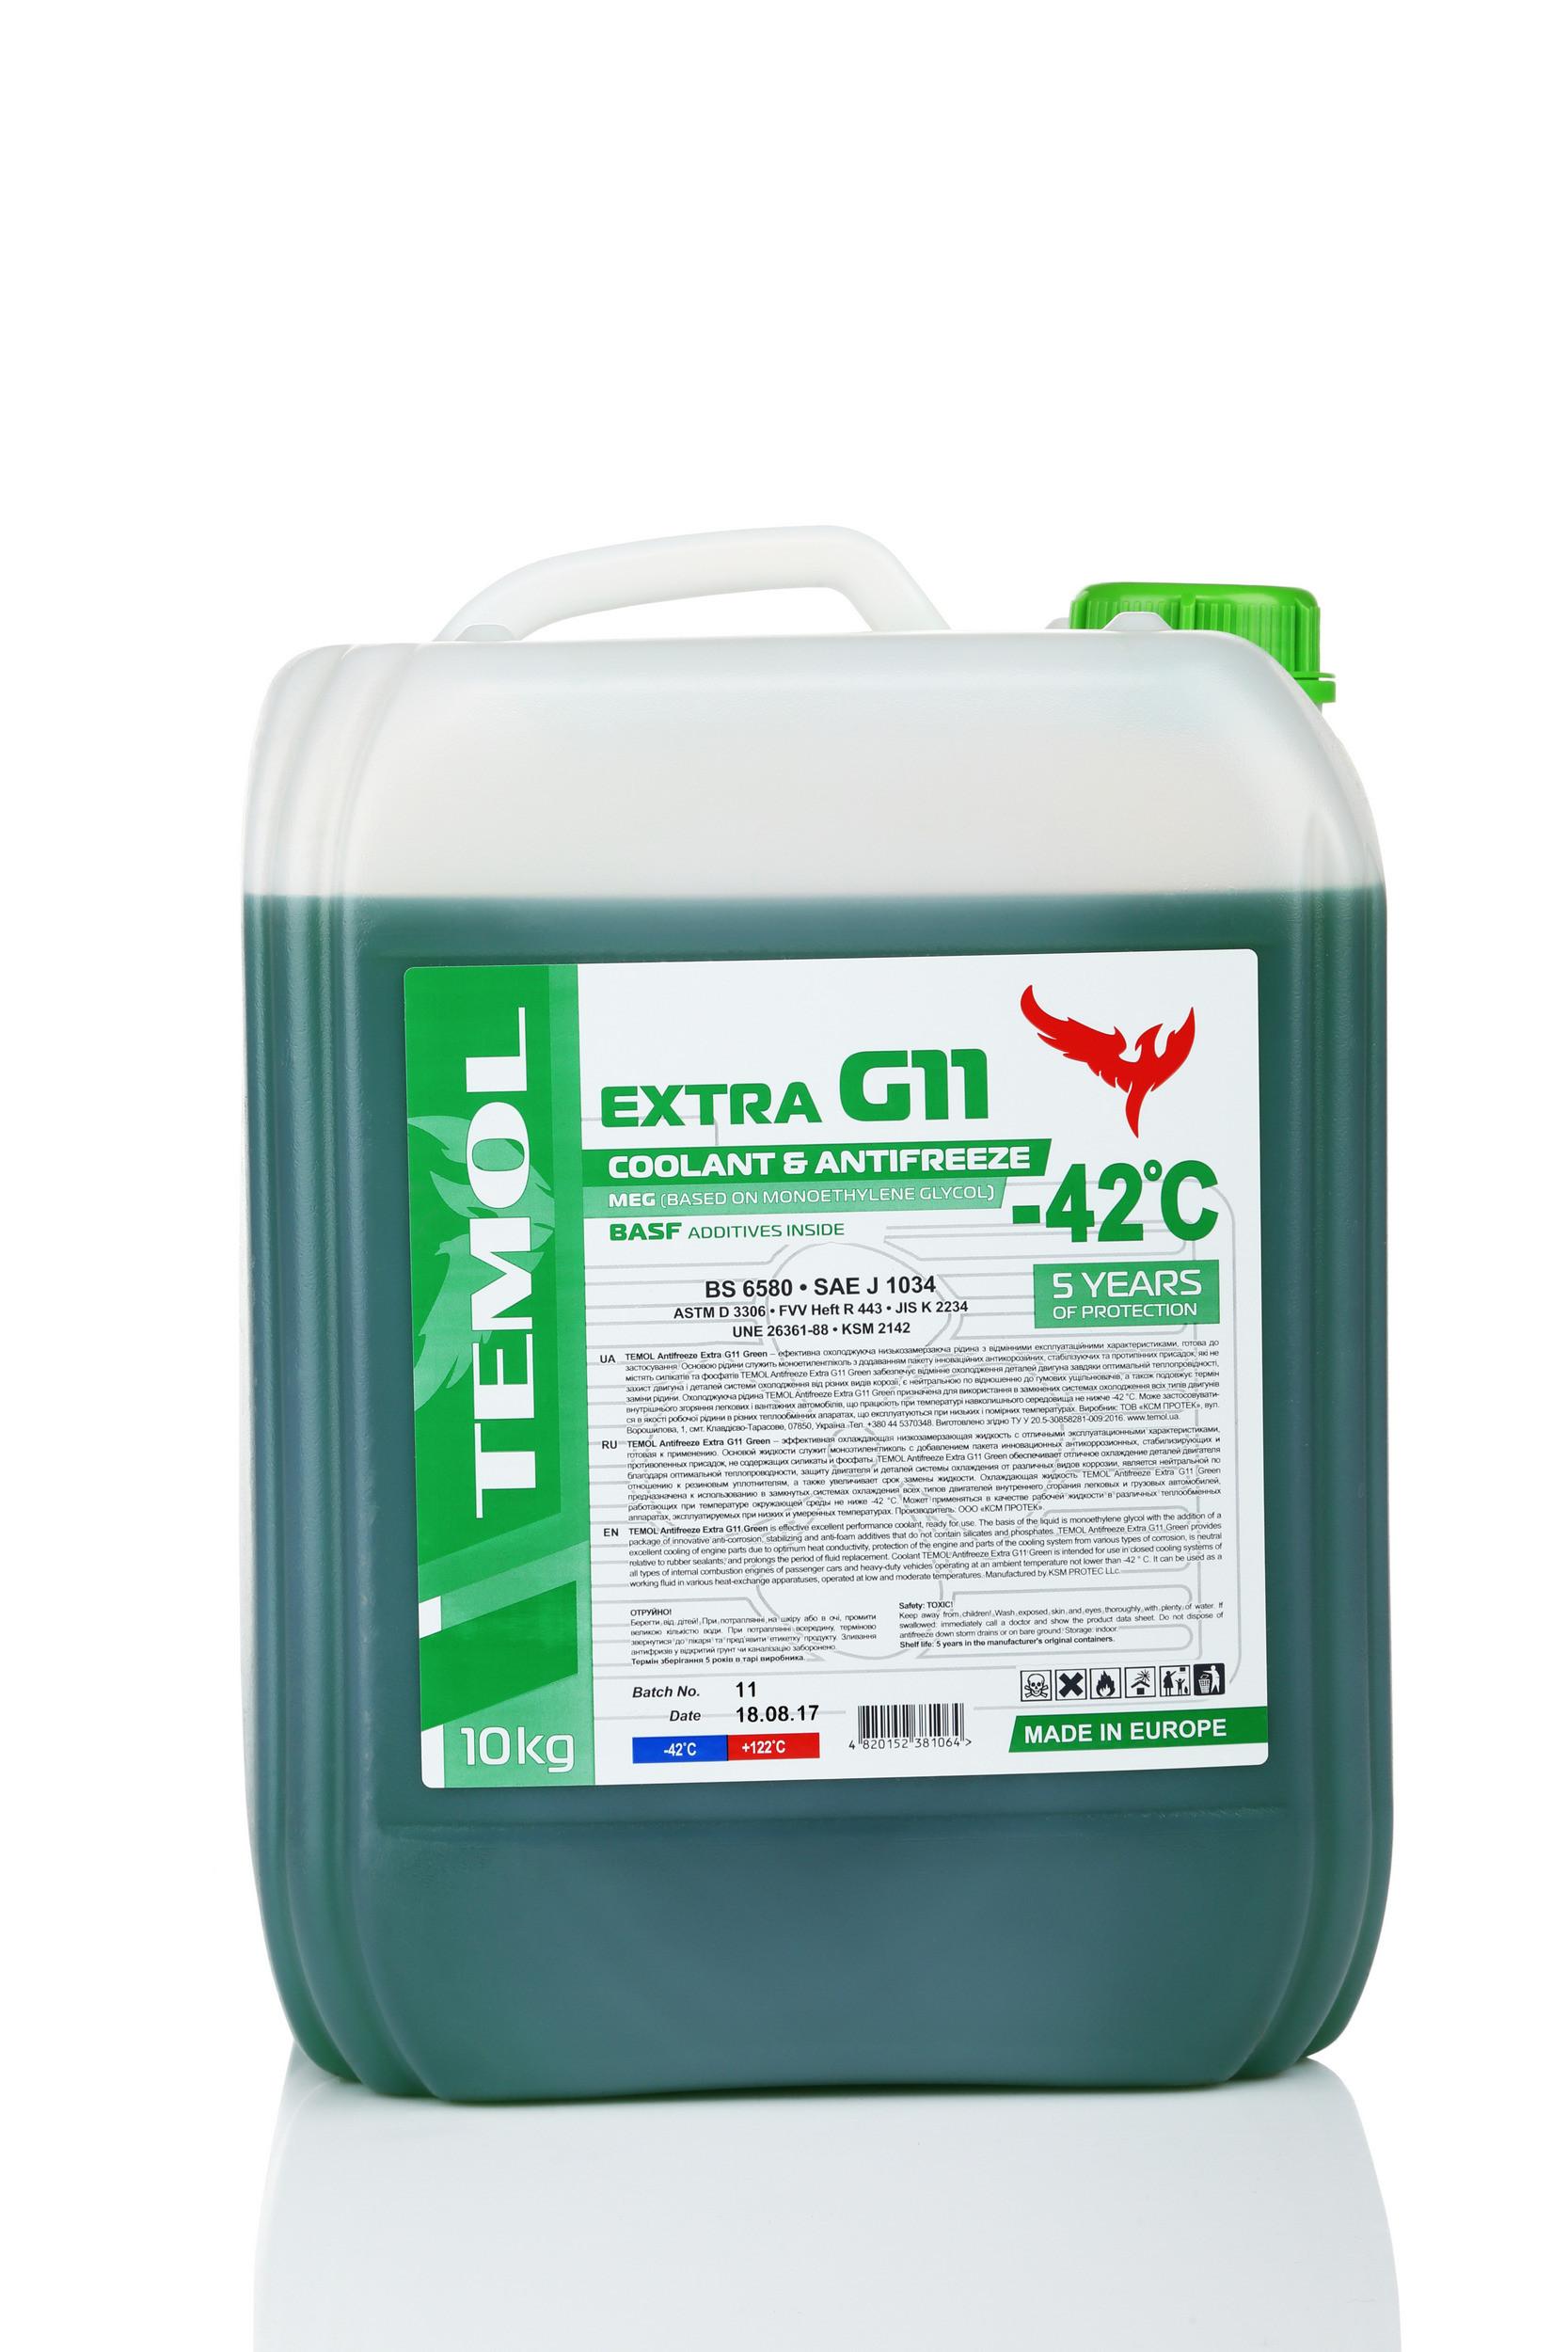 TEMOL ANTIFREEZE EXTRA G11 GREEN - 10L - Temol, официальный интернет-магазин